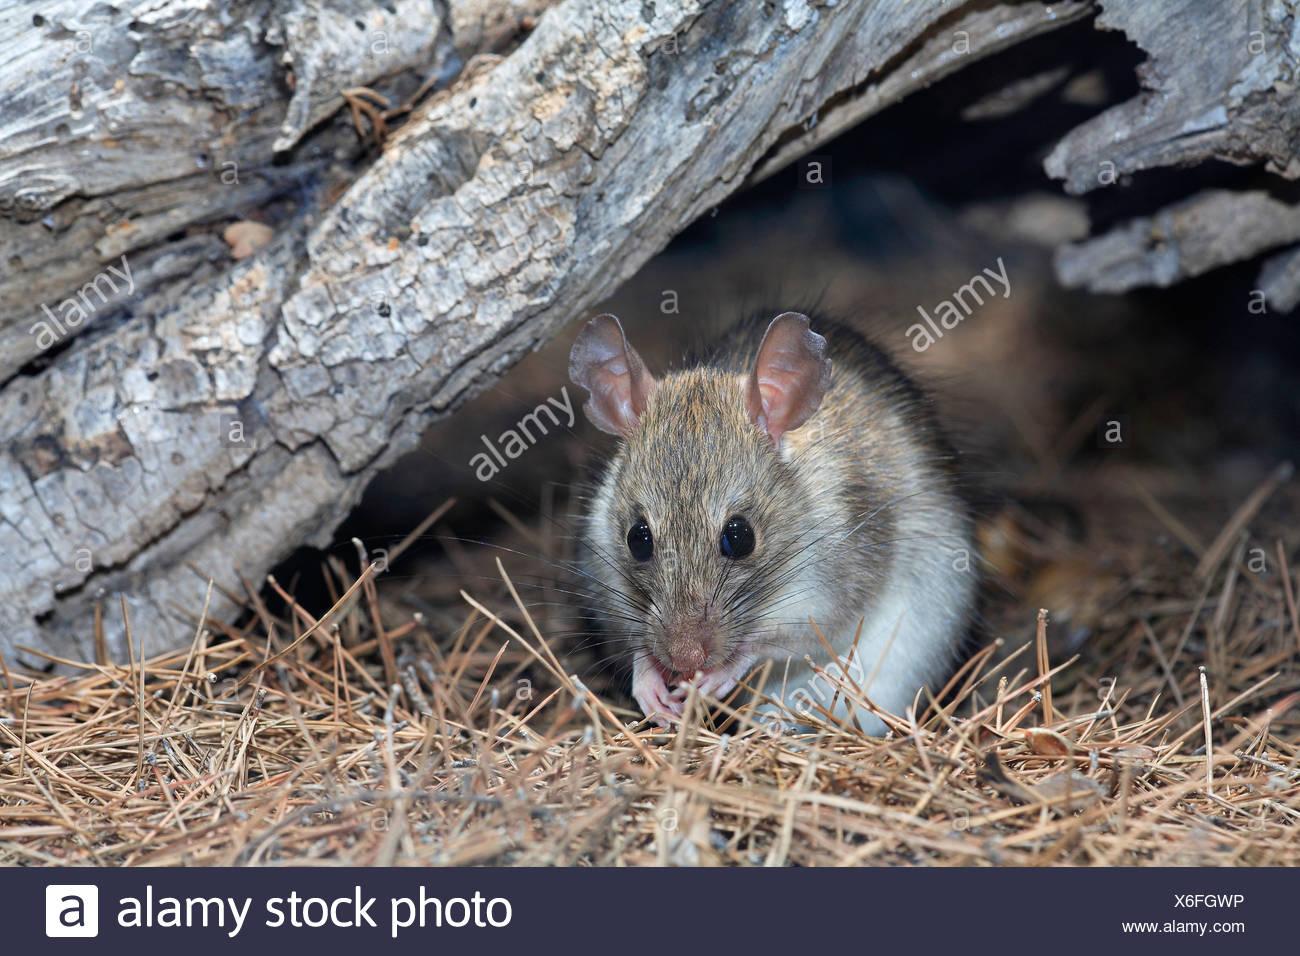 Erfreut Draht Mäuse Kauen Fotos - Der Schaltplan - triangre.info